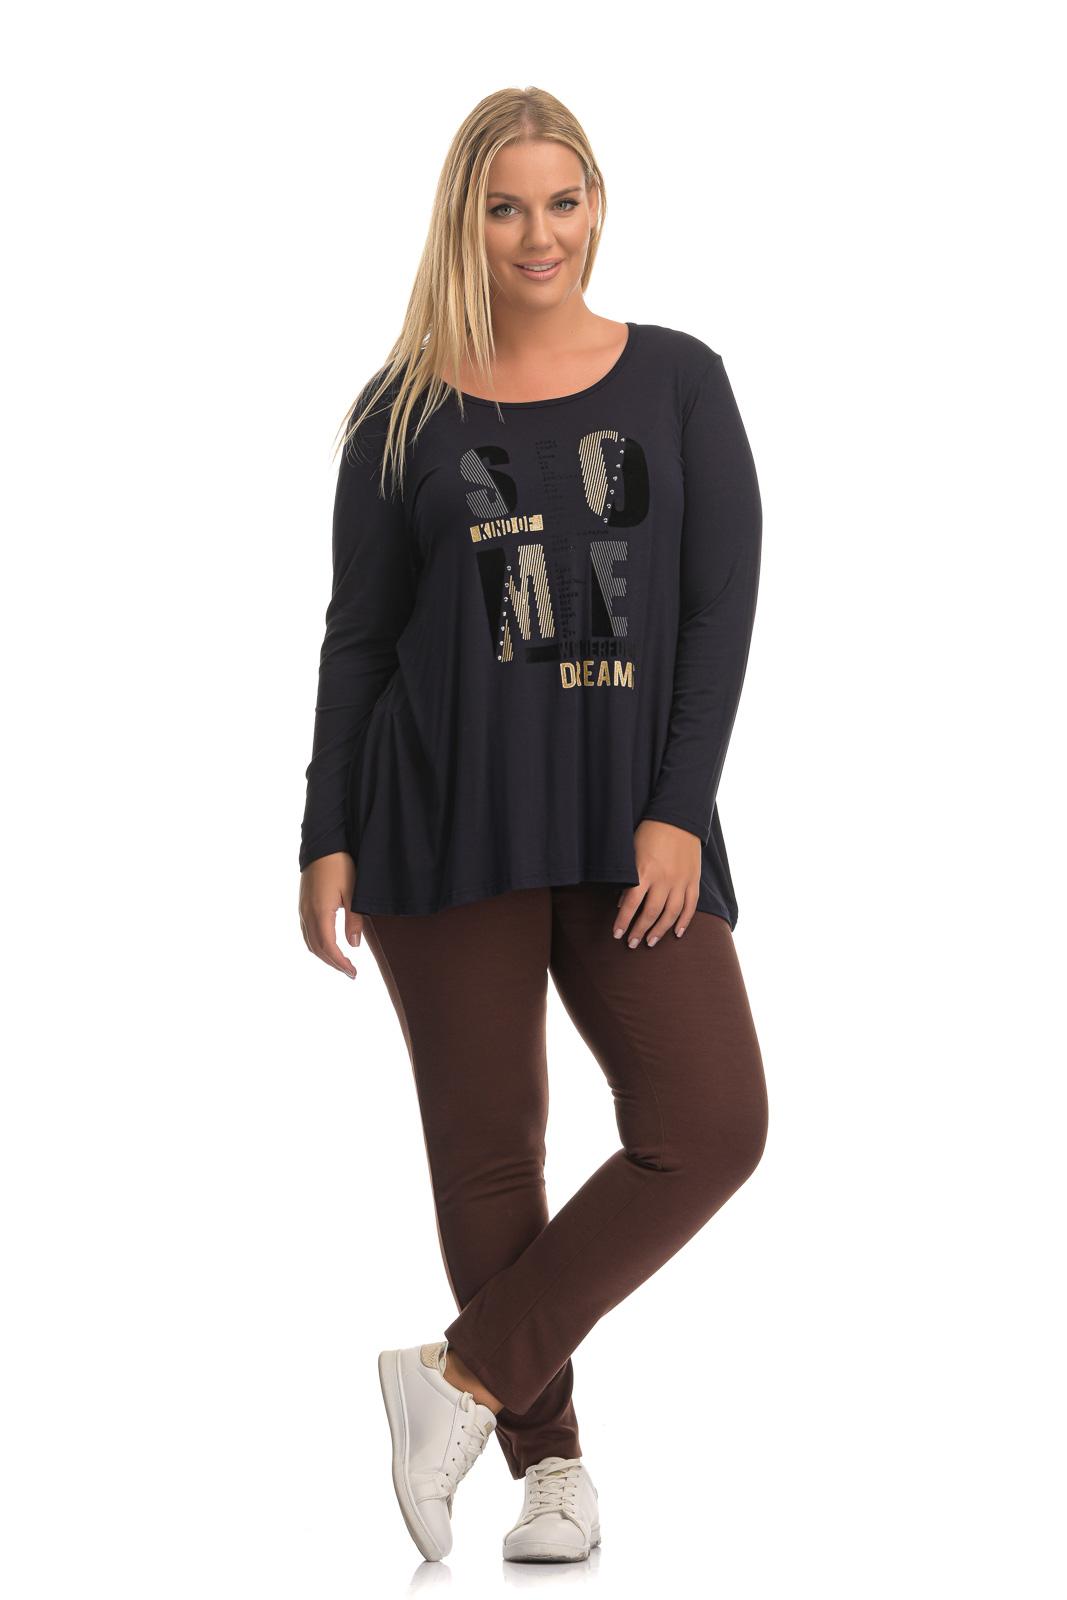 Παντελόνι ποντοστόφα μεγάλα μεγέθη καφέ σε κλασσική γραμμή..Στο eshop μας θα βρείτε οικονομικά γυναίκεια ρούχα σε μεγάλα μεγέθη και υπερμεγέθη.